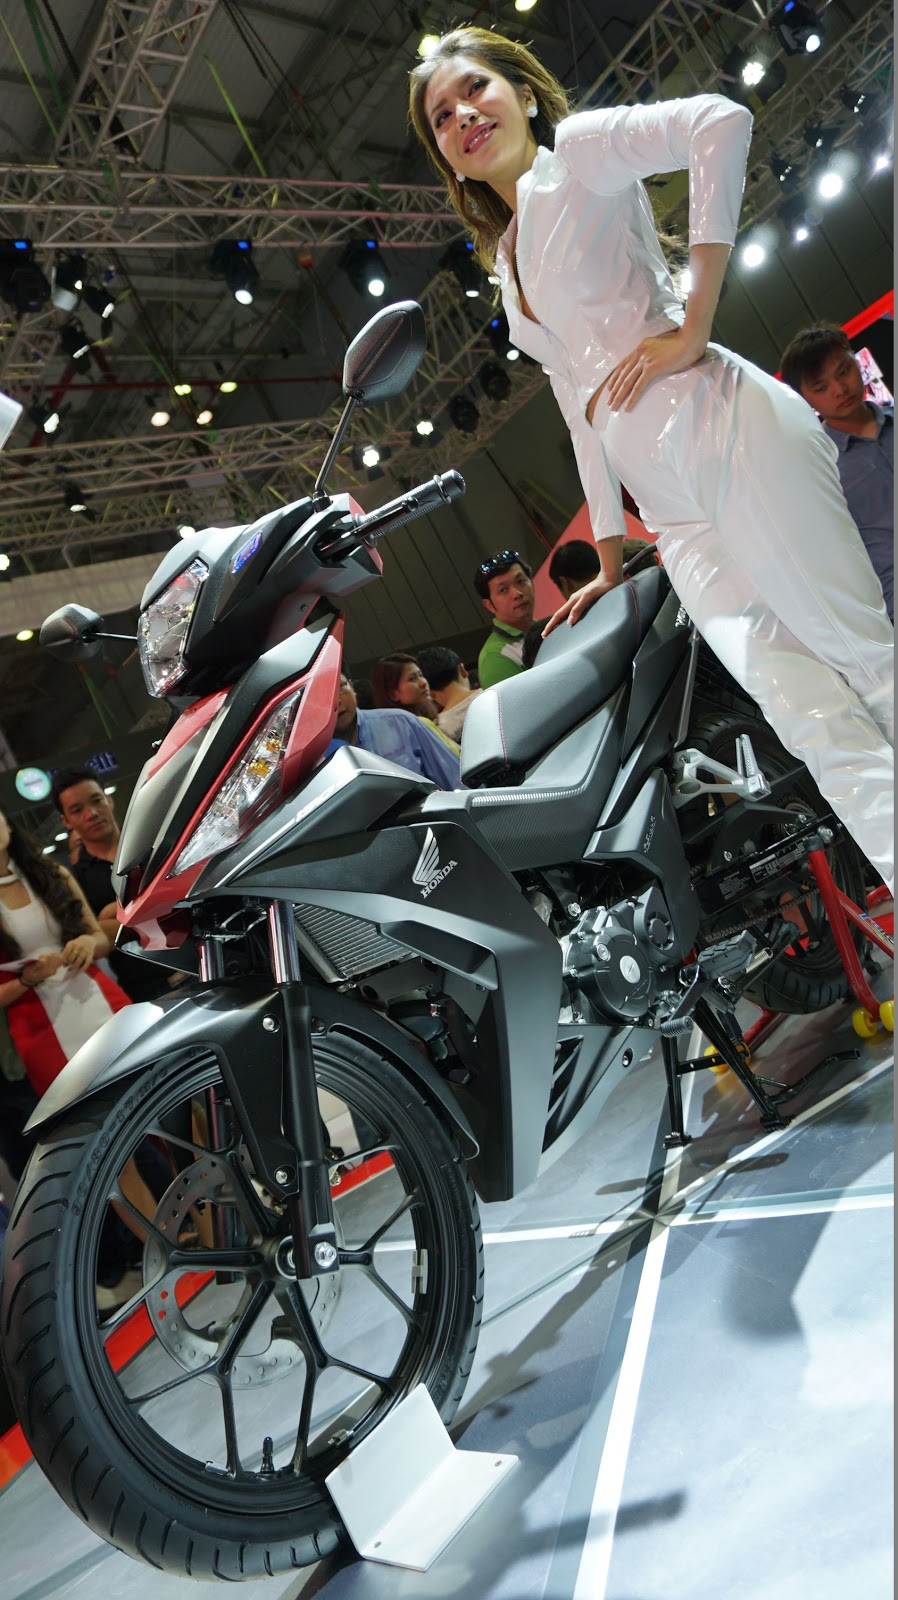 Đúng như người mẫu, chiếc Honda Winner 150 vẫn trông khá mỏng manh